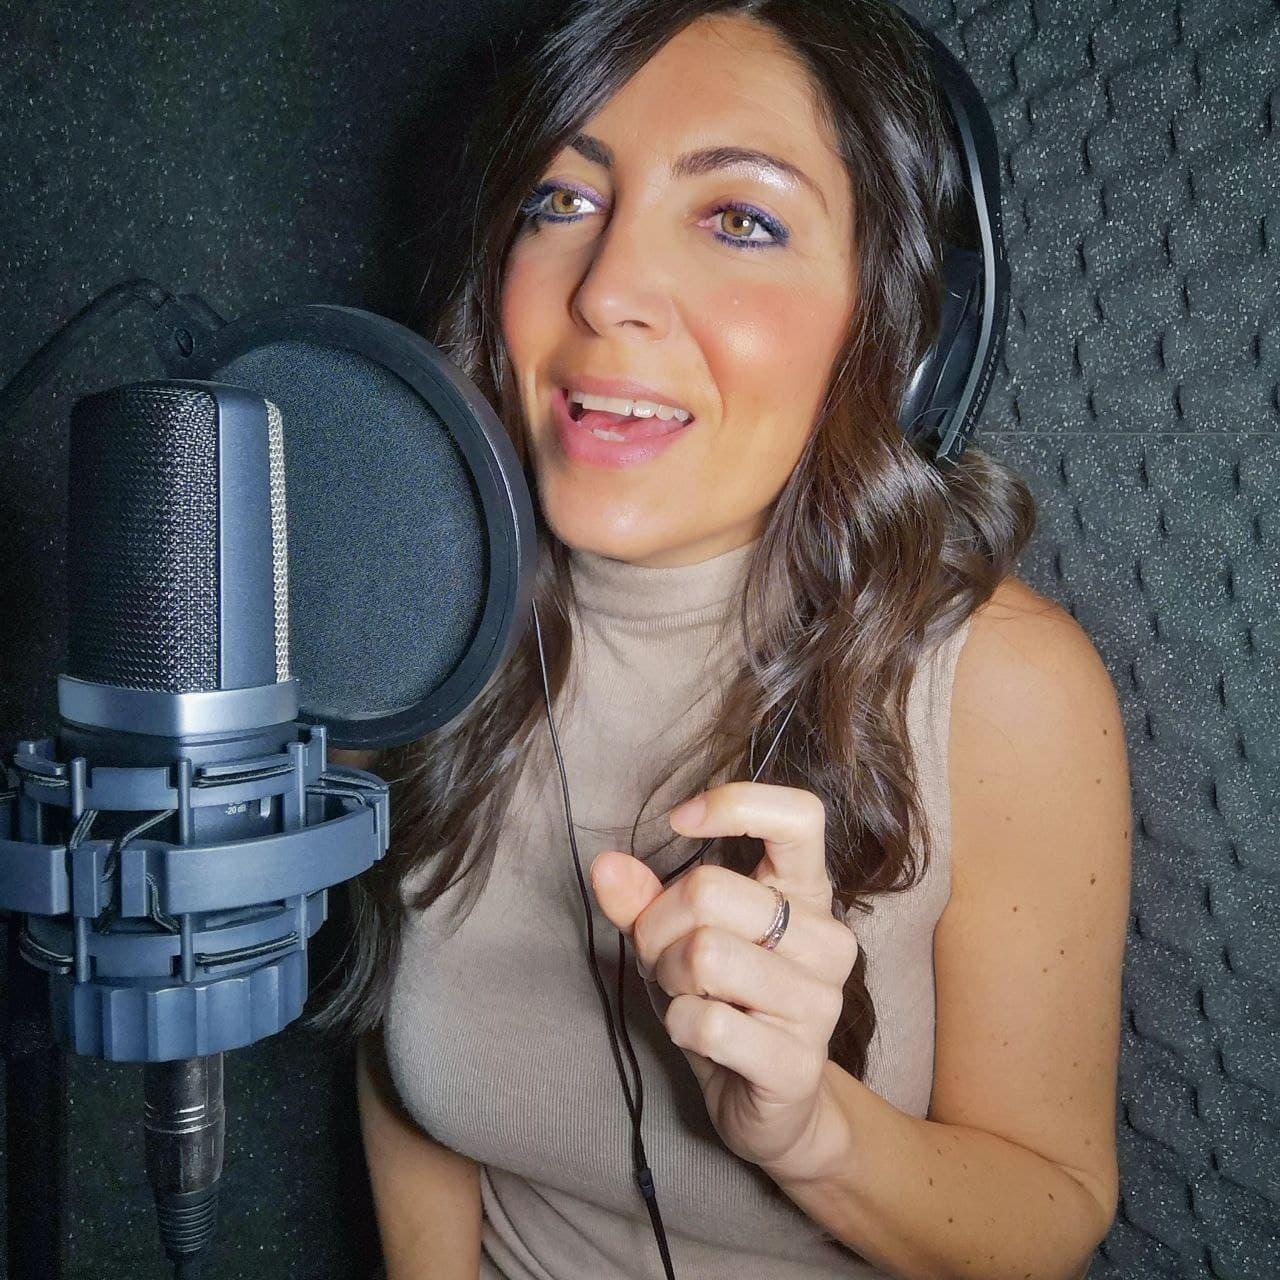 Laura Badiini 1 - Media. Newslinet podcast puntata del 16/06/2021: ascolta le notizie della settimana di NL